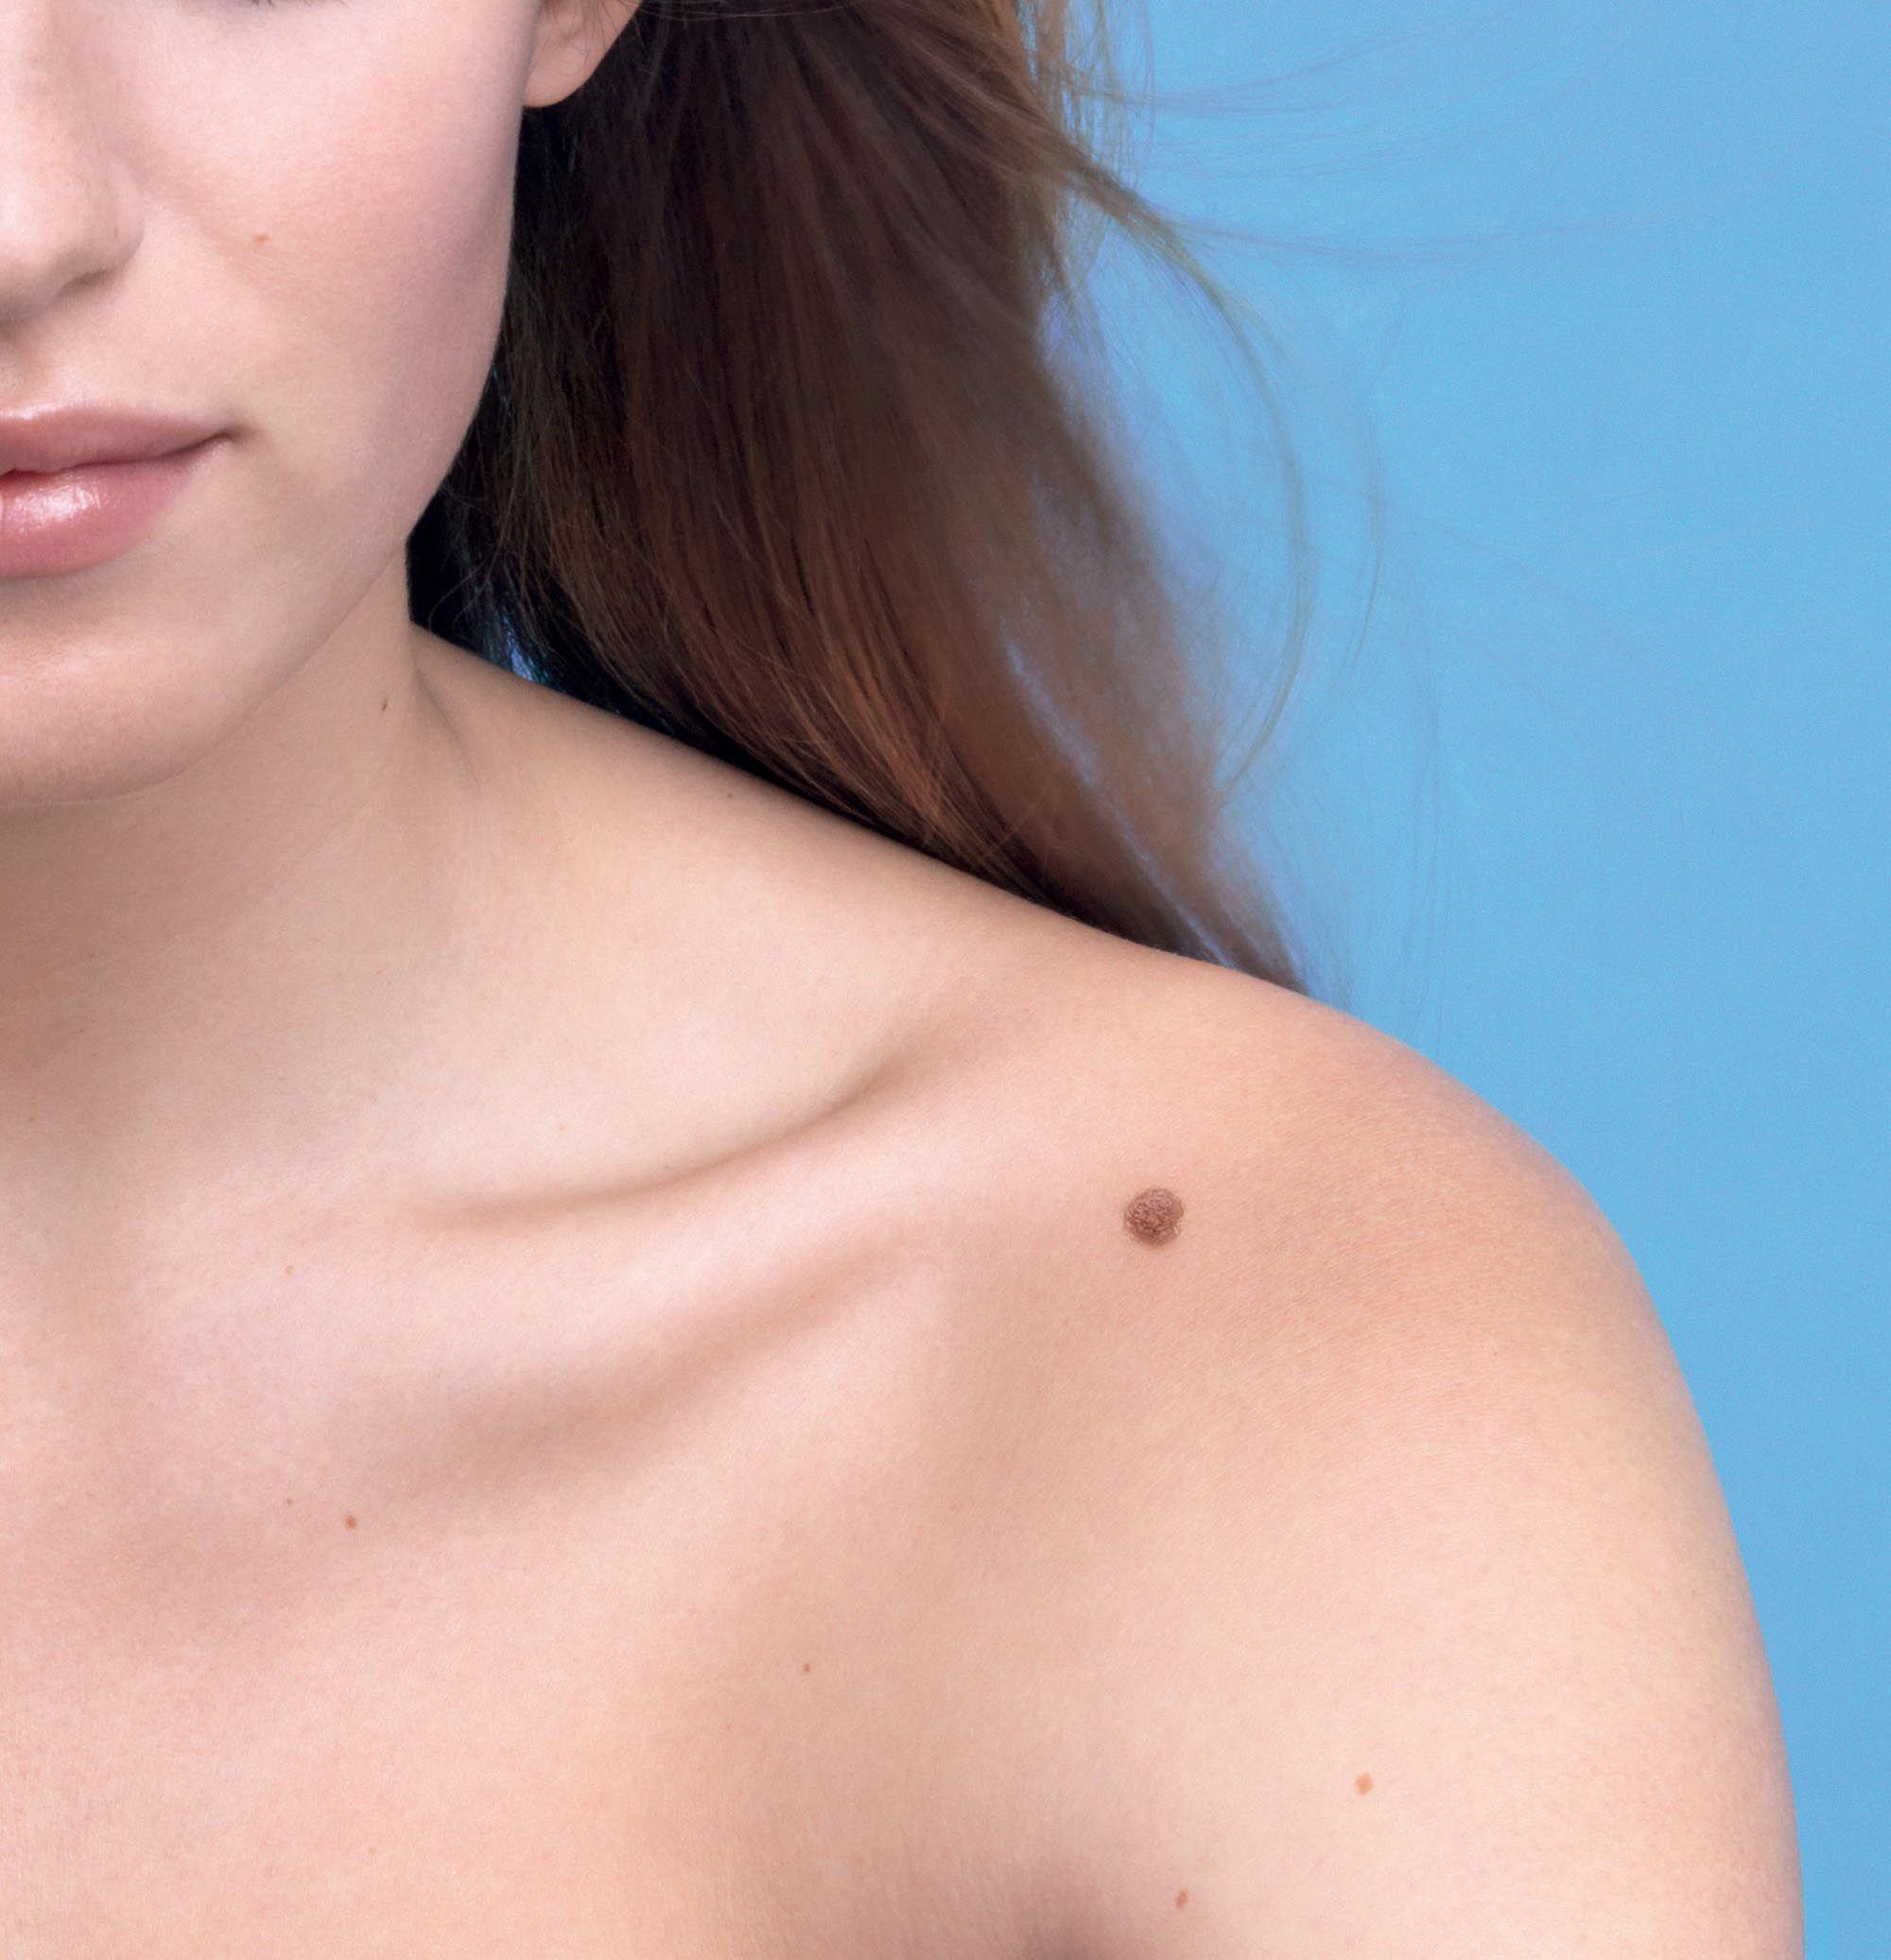 AFLĂ DACĂ AI CANCER DE PIELE. Consultații gratuite la 100 de medici dermatologi din 18 județe